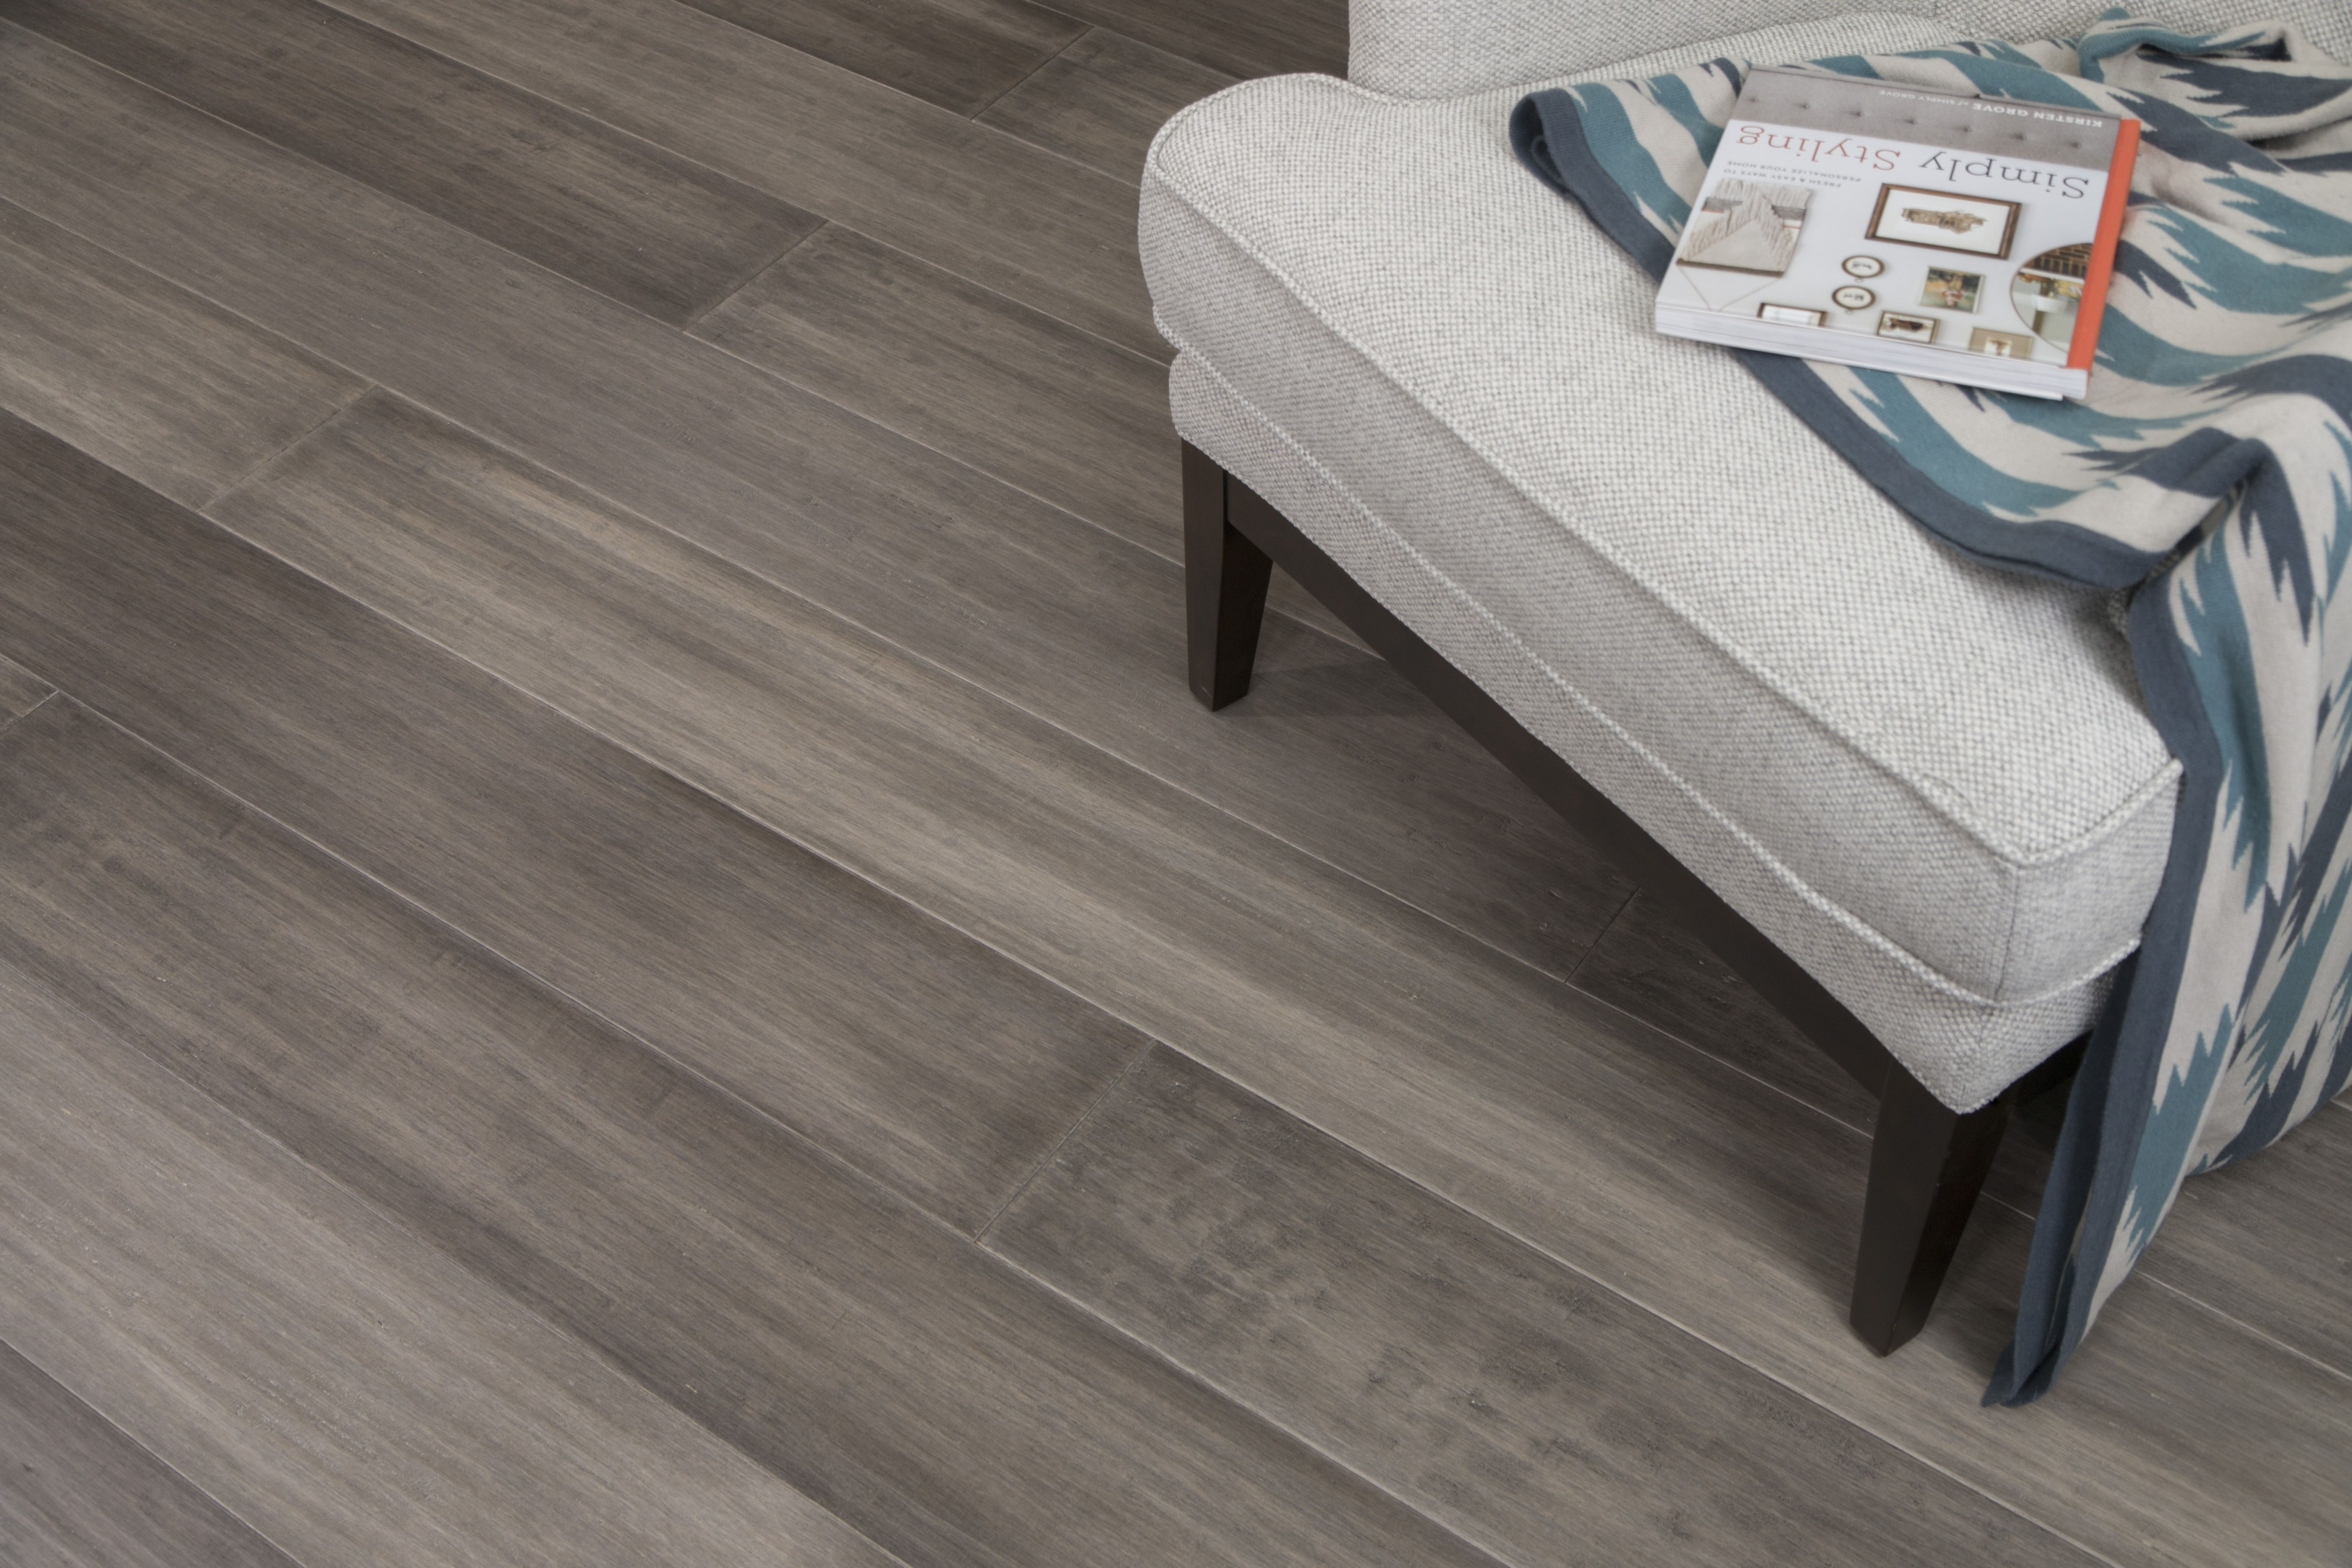 Grey Flooring Boardwalk Hardwood Bamboo Floors Engineered Hardwood Flooring Grey Flooring Engineered Hardwood